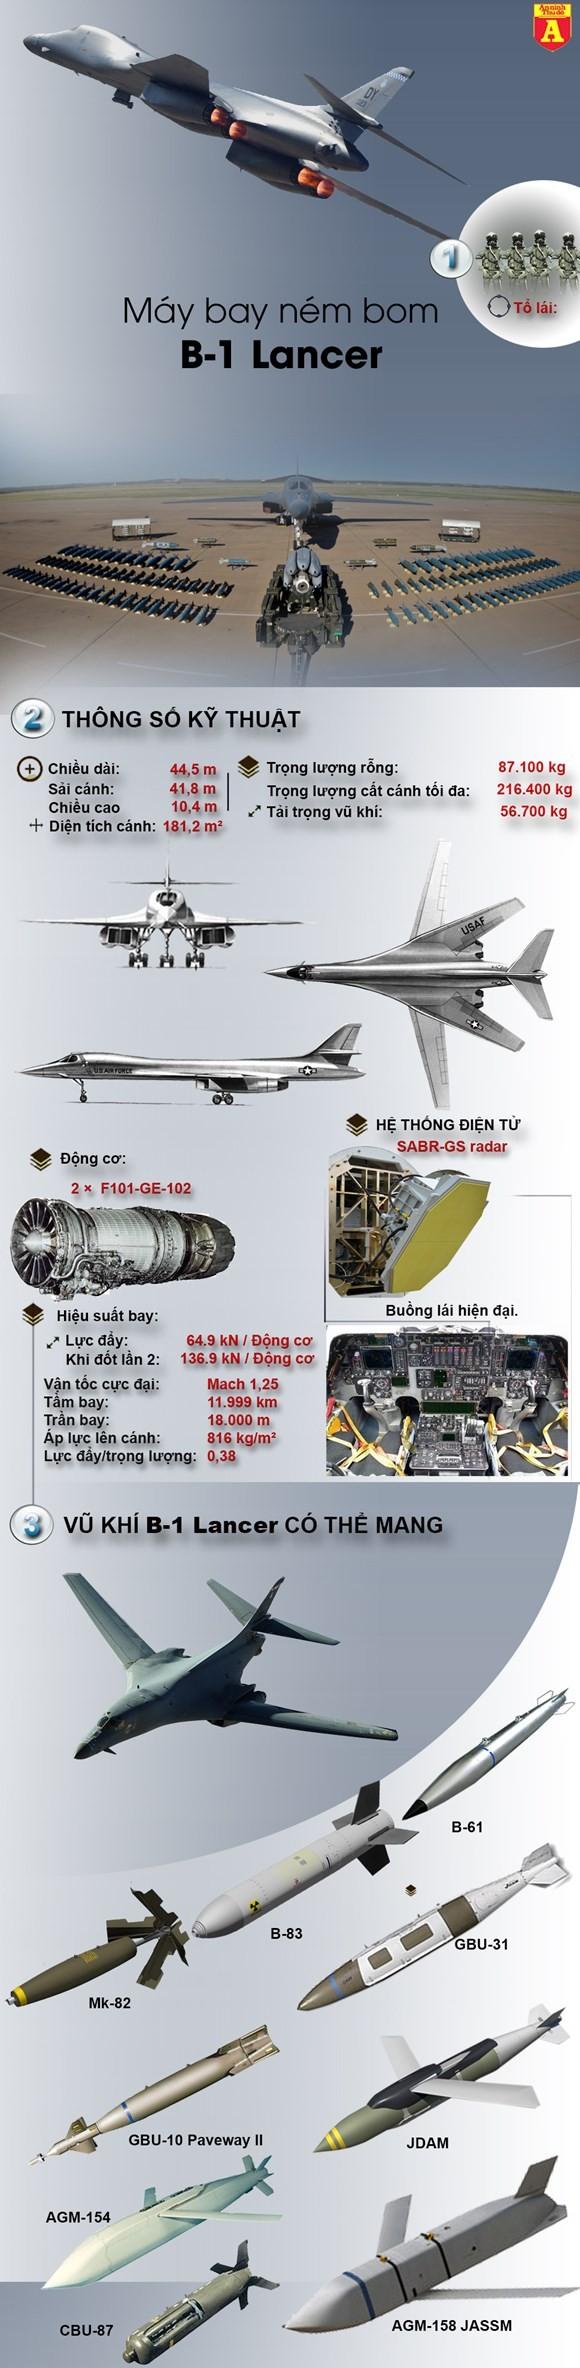 'Át chủ bài' B-1B được Mỹ sử dụng nếu tấn công Triều Tiên - ảnh 1